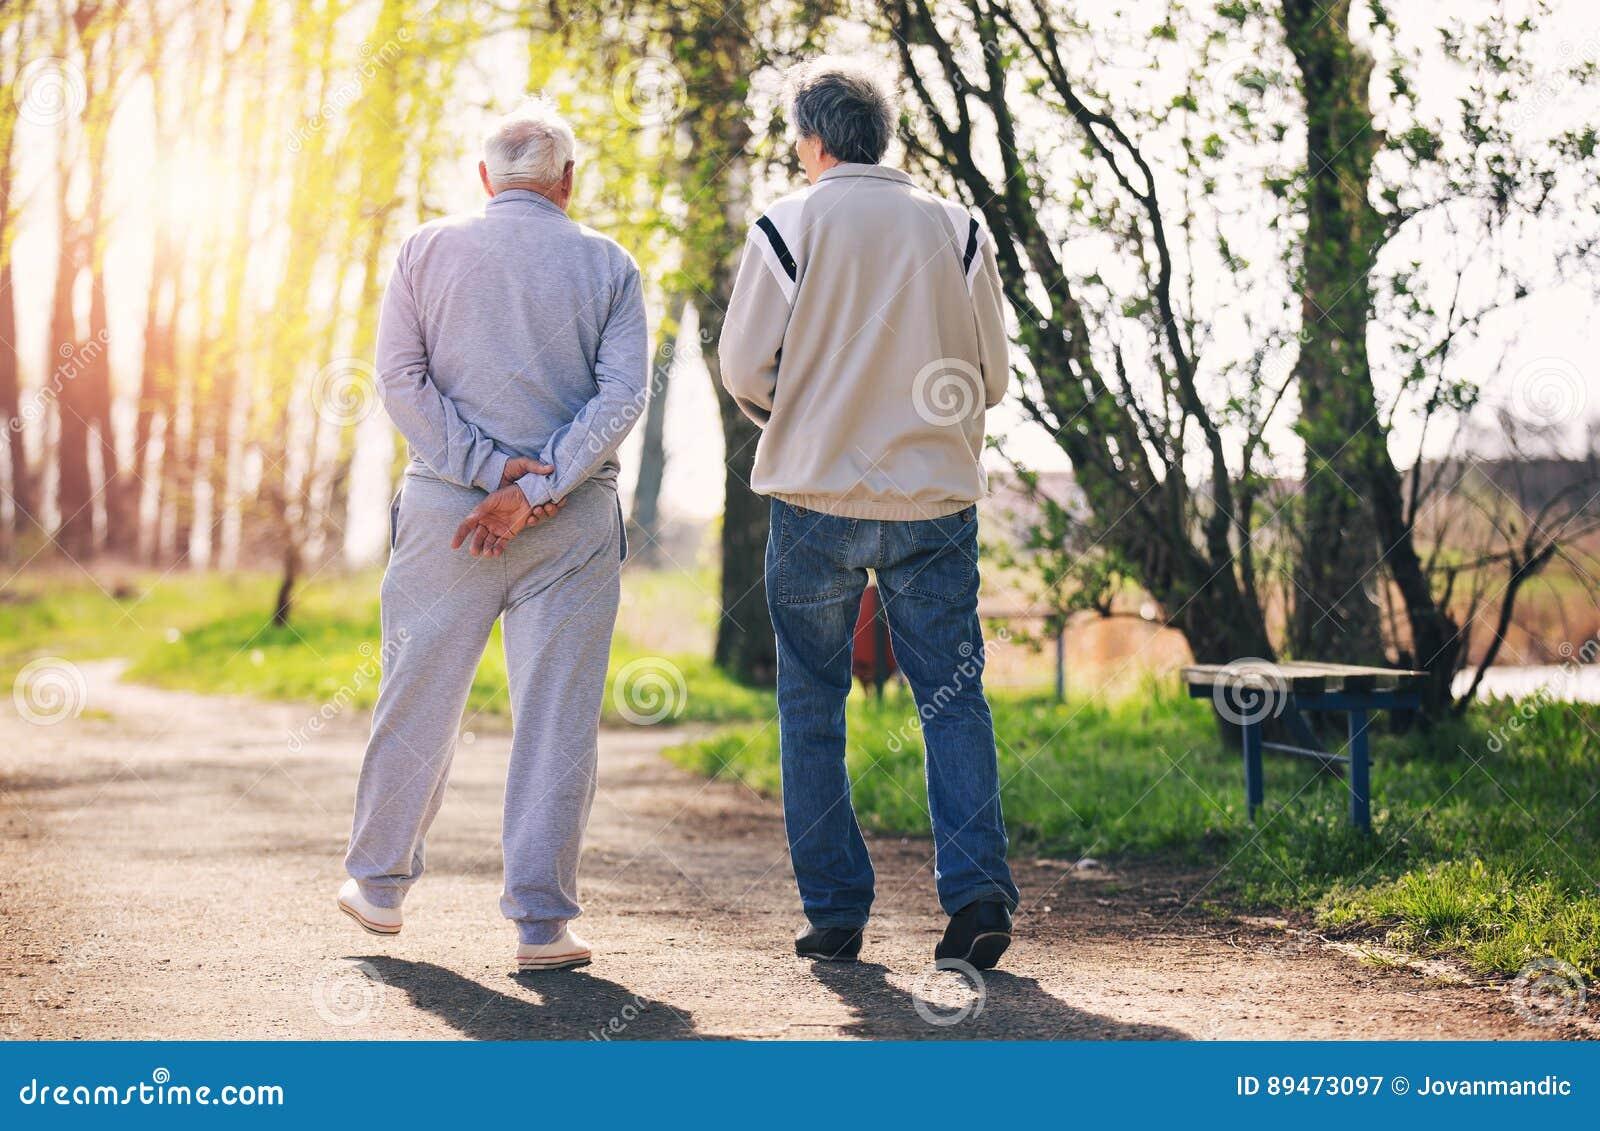 Ansicht von hinten eines erwachsenen Sohns, der mit seinem älteren Vater geht